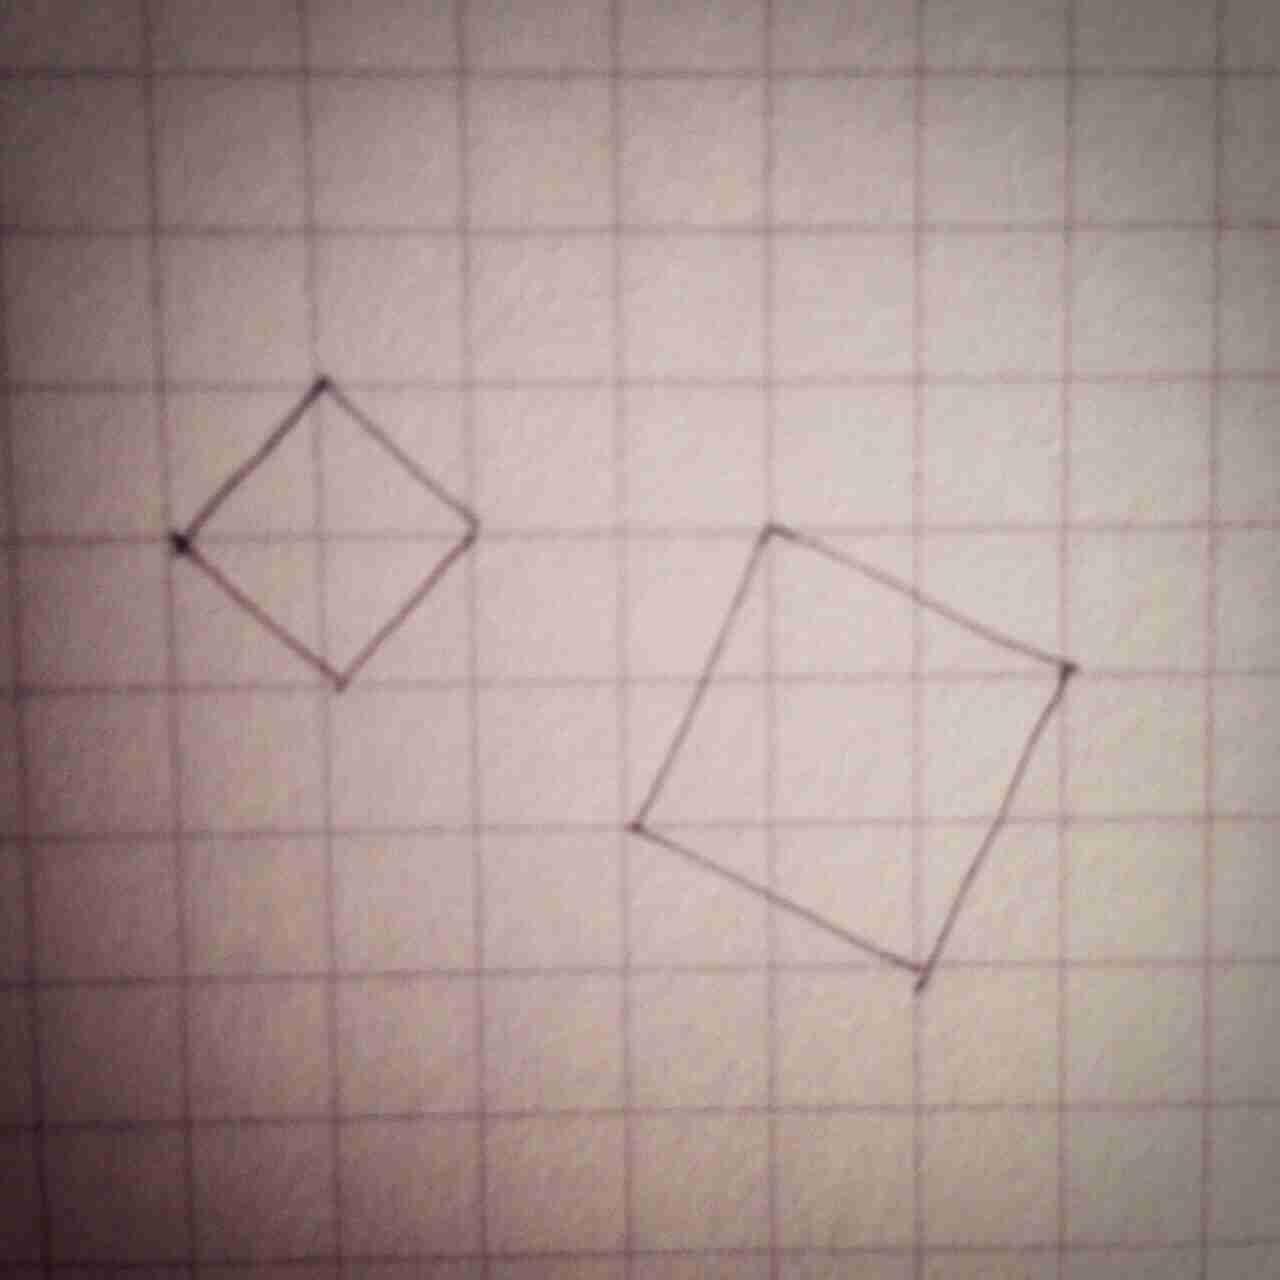 あなたは解けるかな?小学4年生の図形の問題が超難問だと話題に